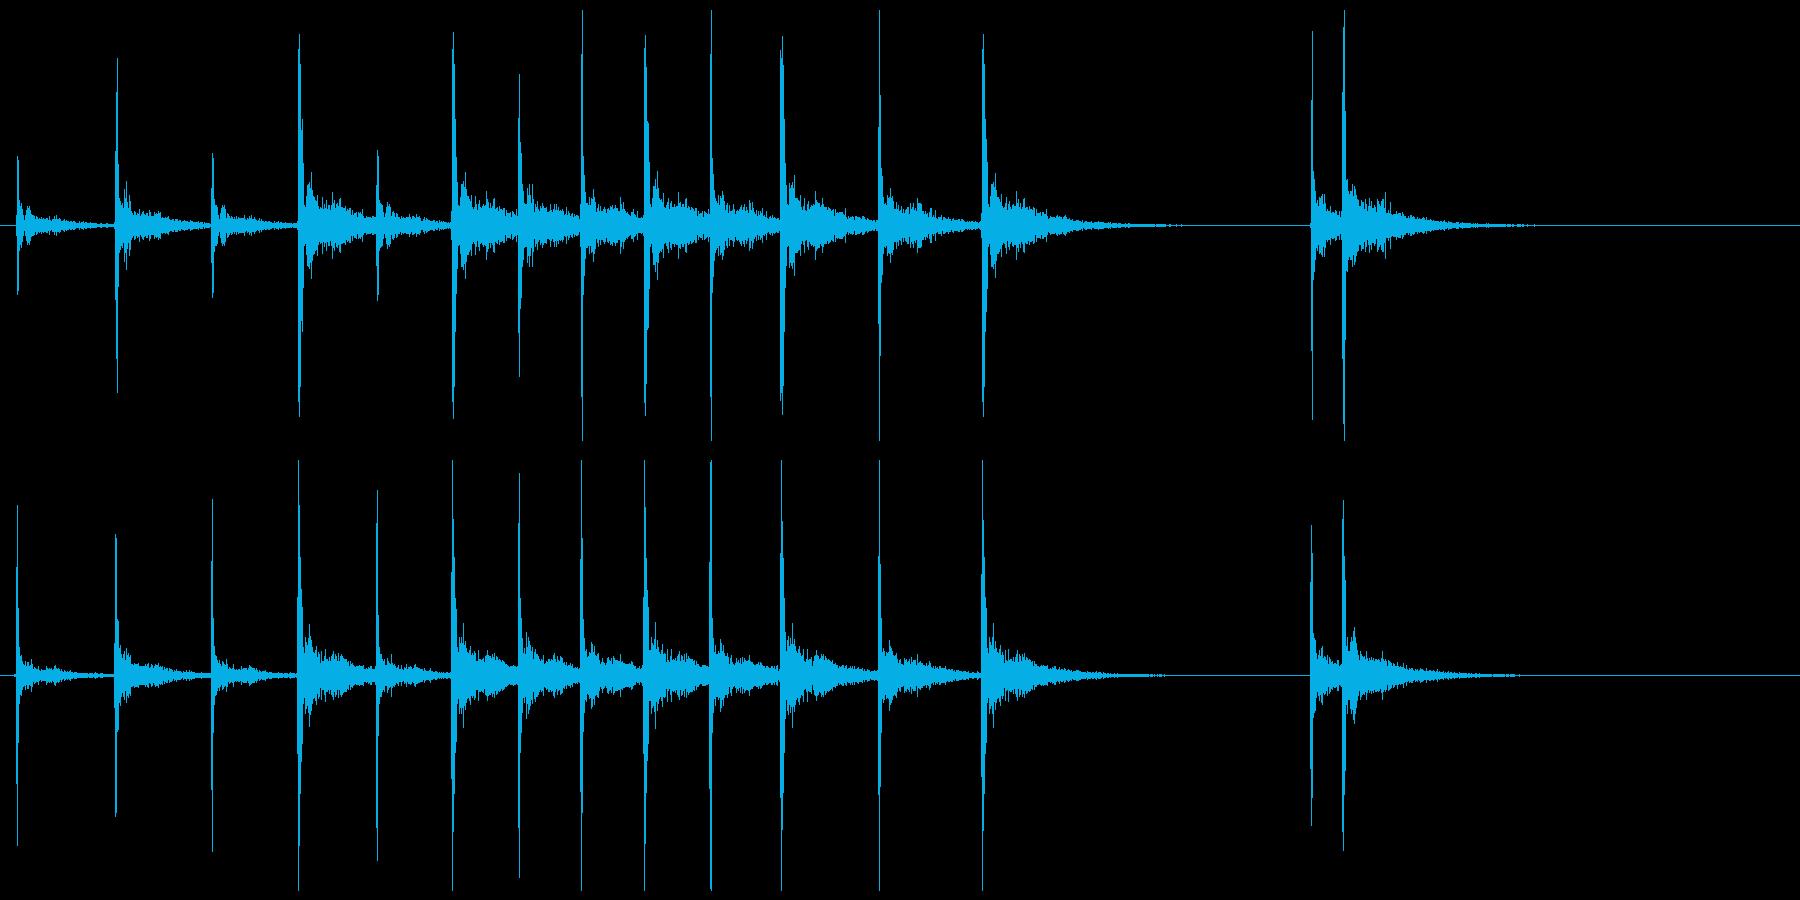 歌舞伎の立ち回り登場の付け打ちフレーズ音の再生済みの波形